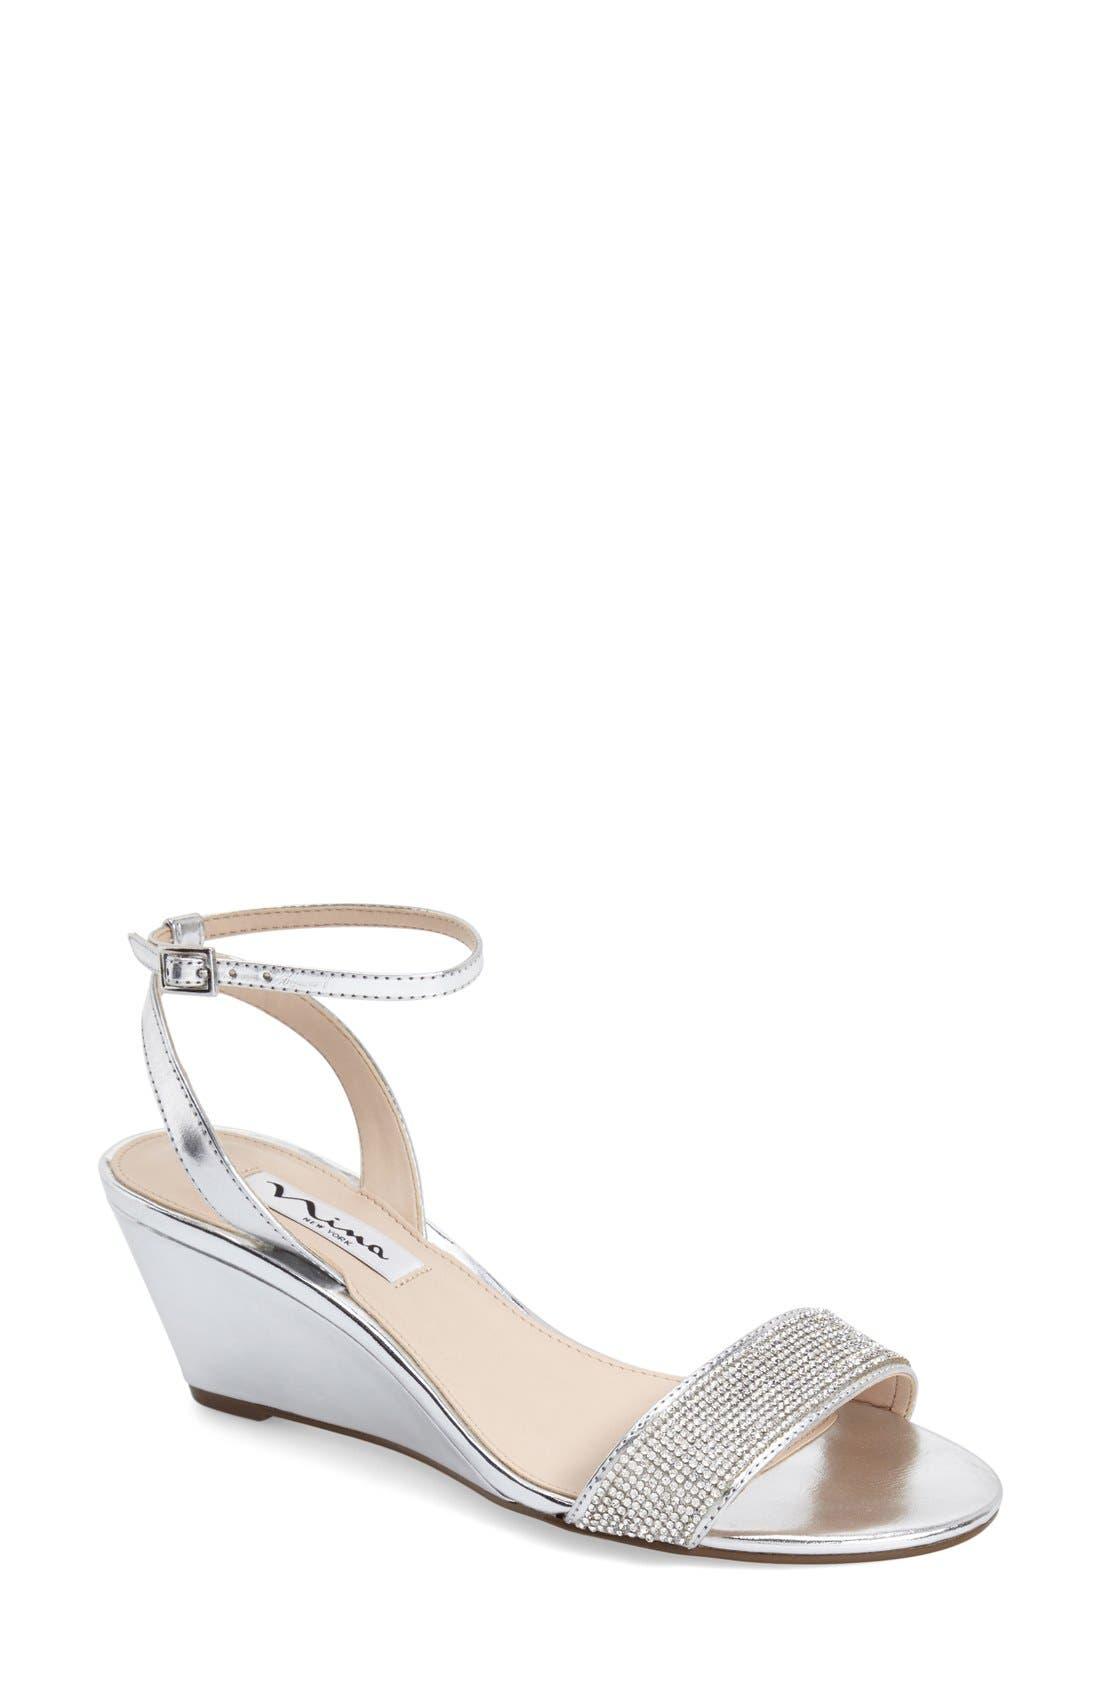 Main Image - Nina 'Novia' Embellished Wedge Sandal (Women)